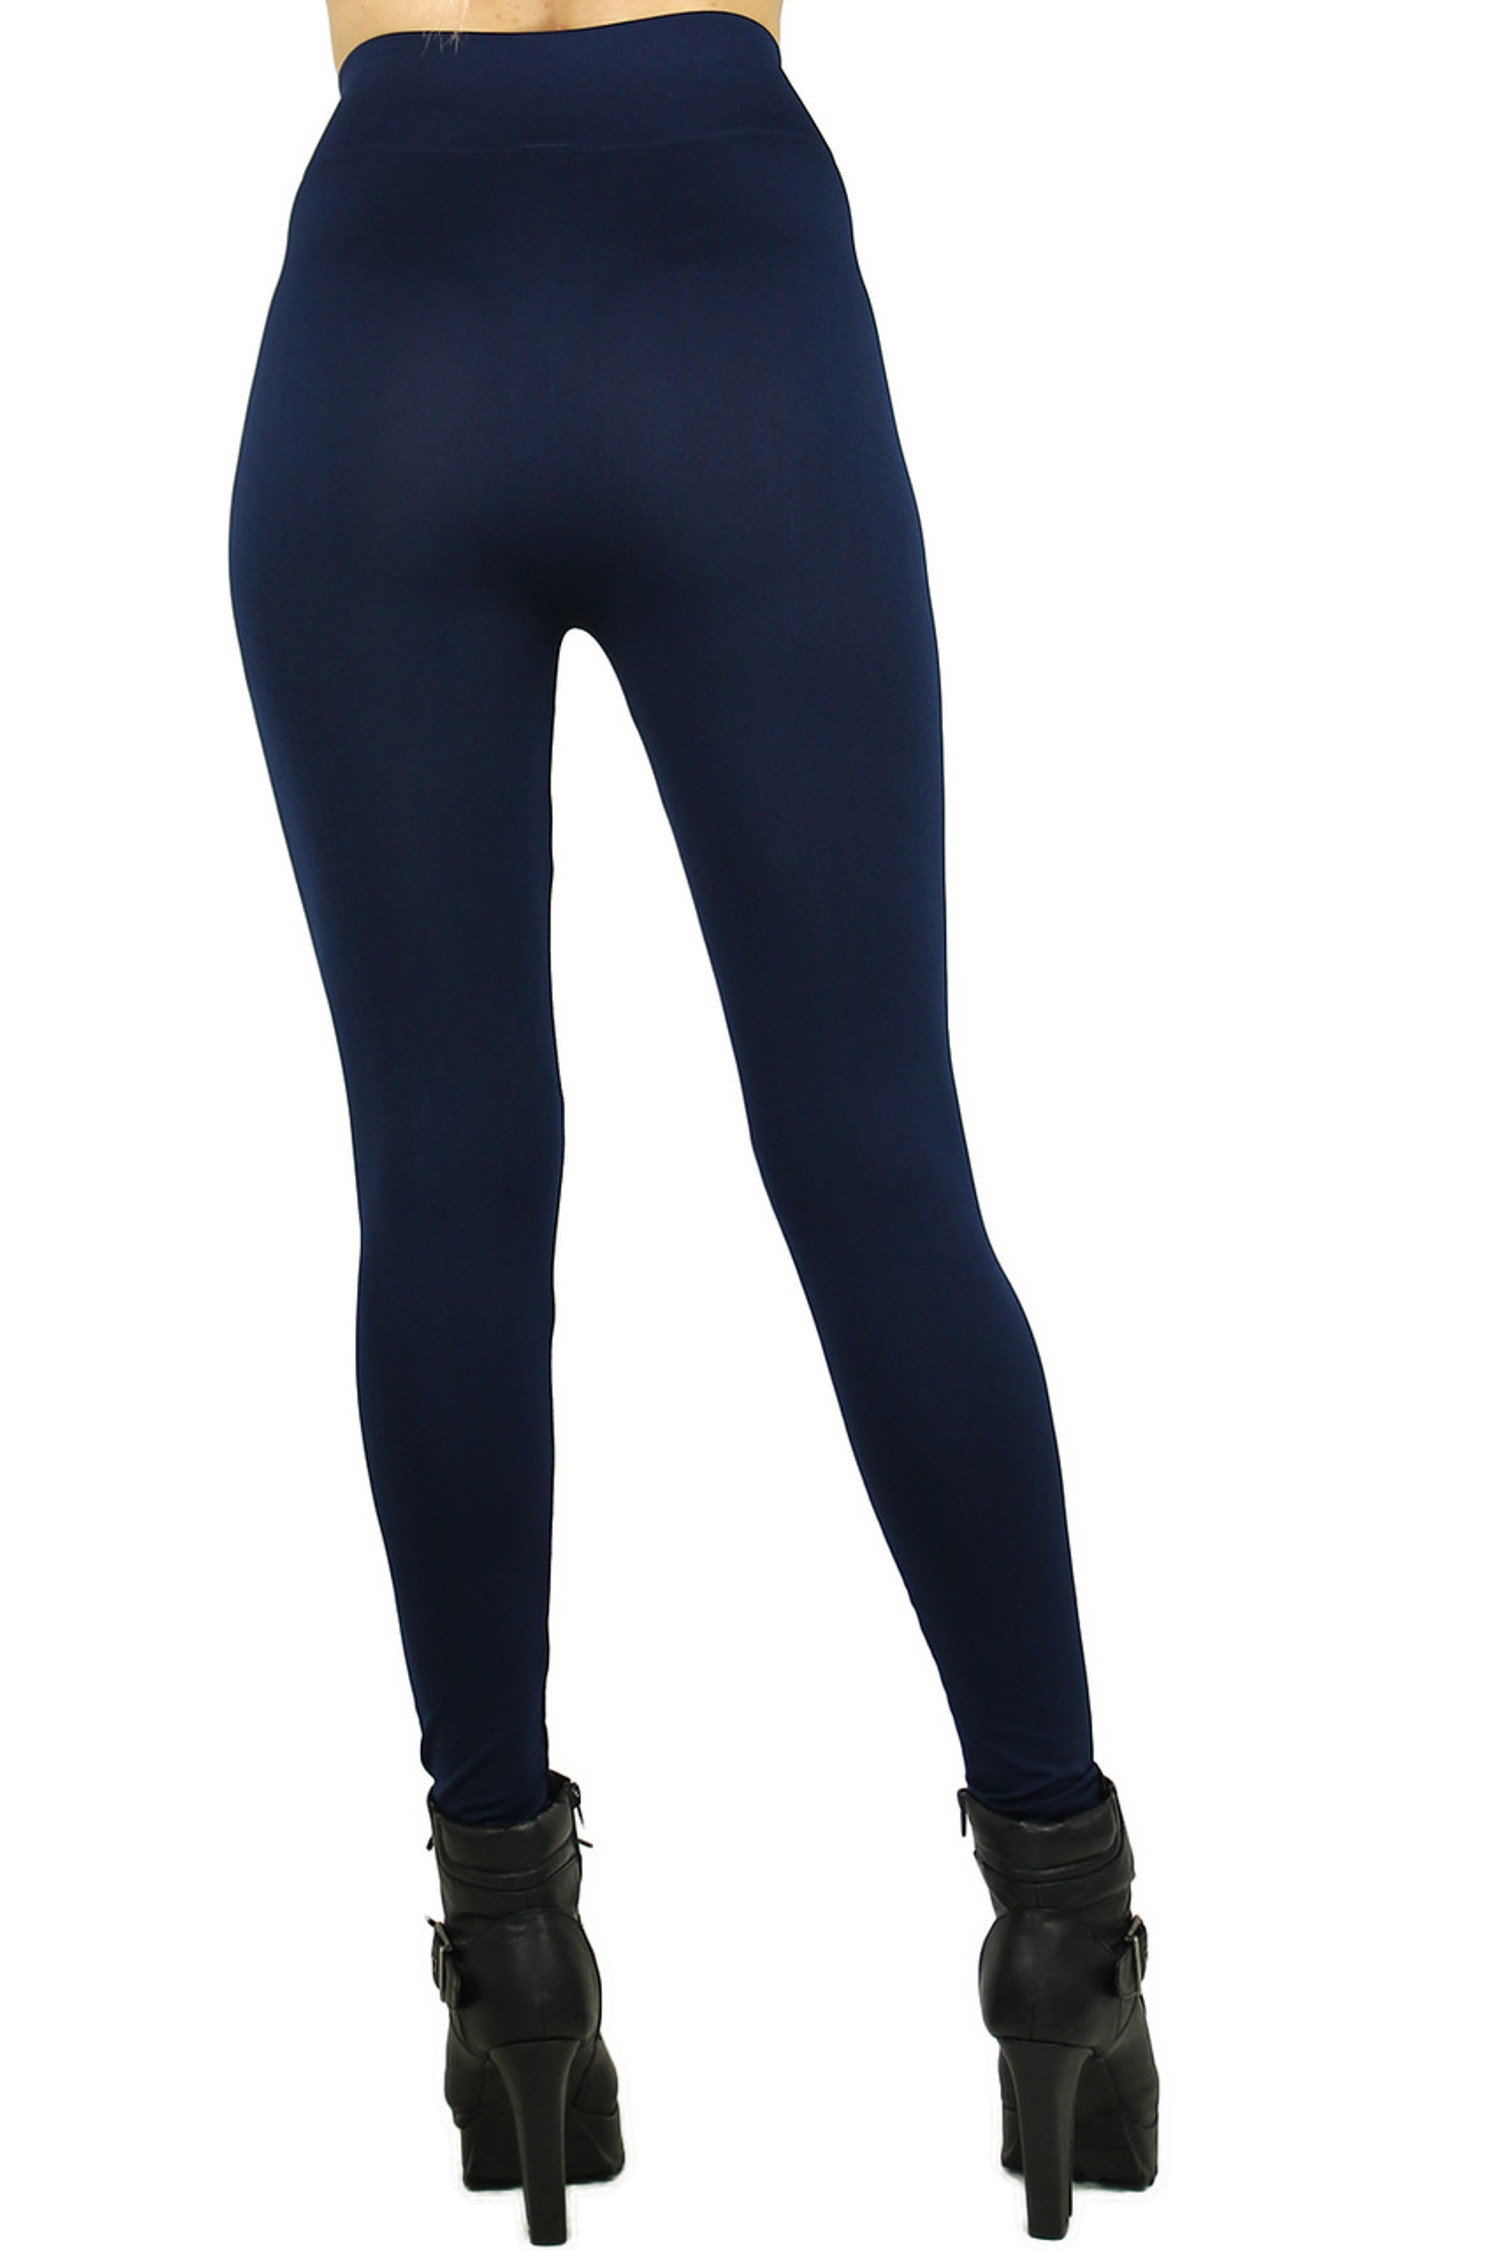 Basic Spandex Full Length Plus Size Leggings